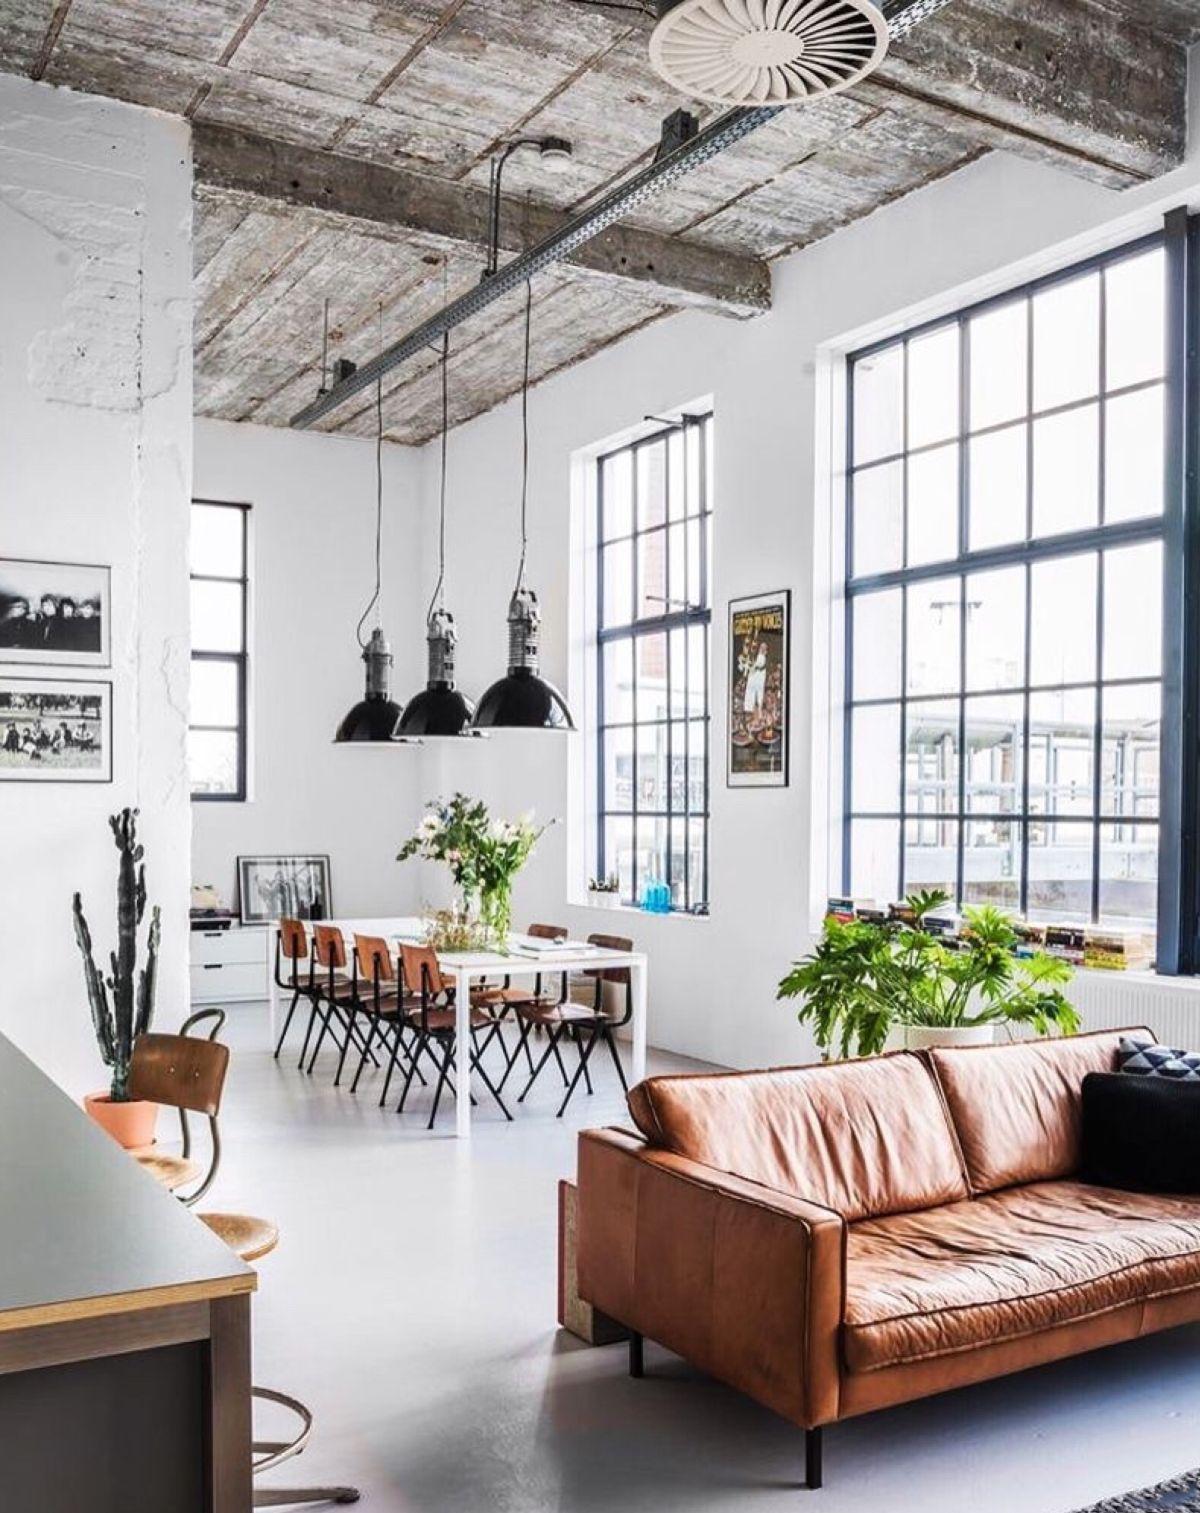 гостиная в стиле лофт с высокими потолками